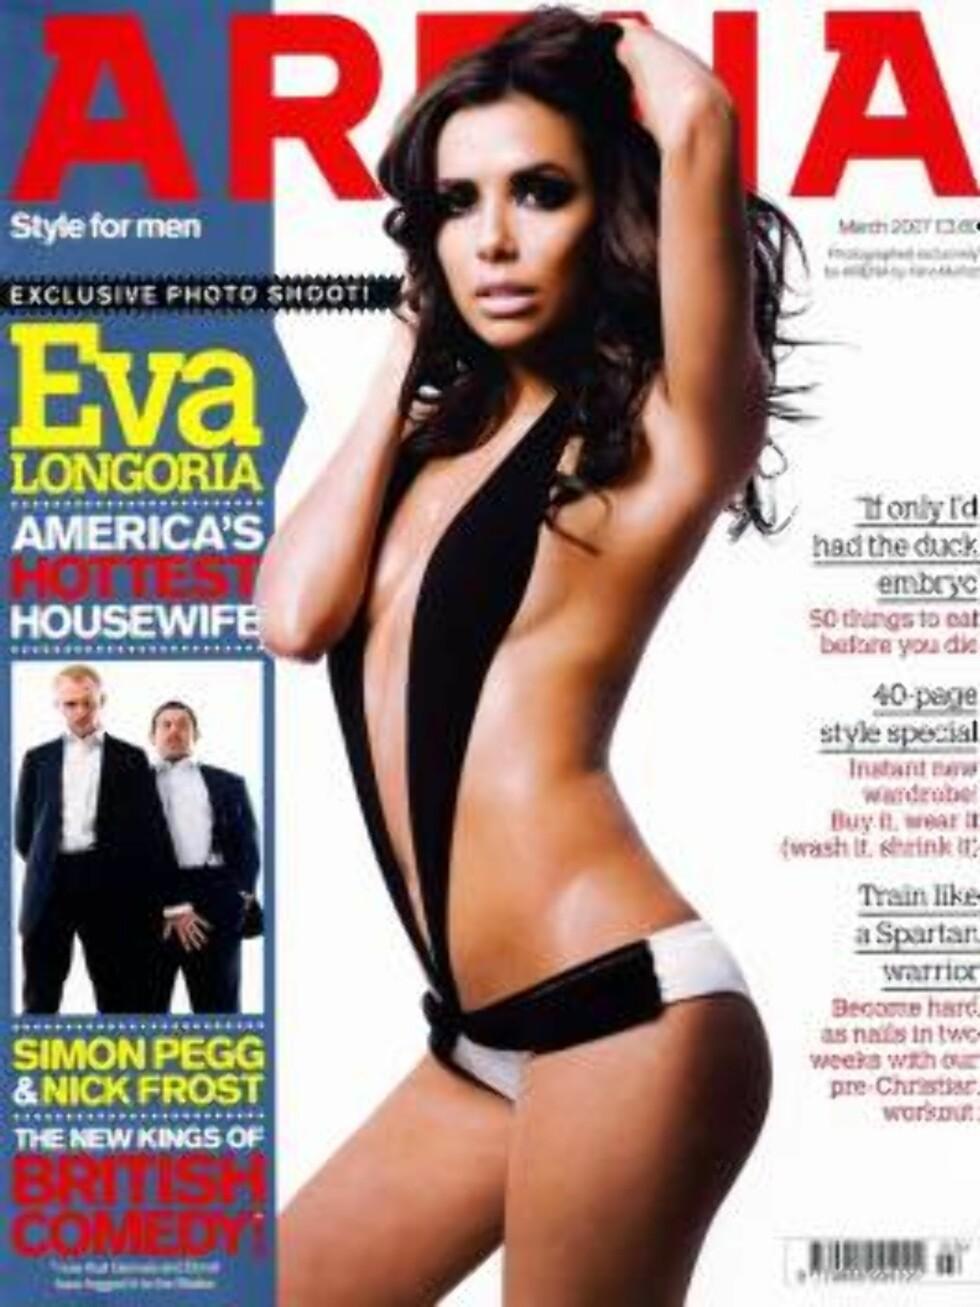 AVKLEDD: Eva Longoria er flott på forsiden av Arena. Hvem sier at hun er en frustrert frue... Foto: All Over Press